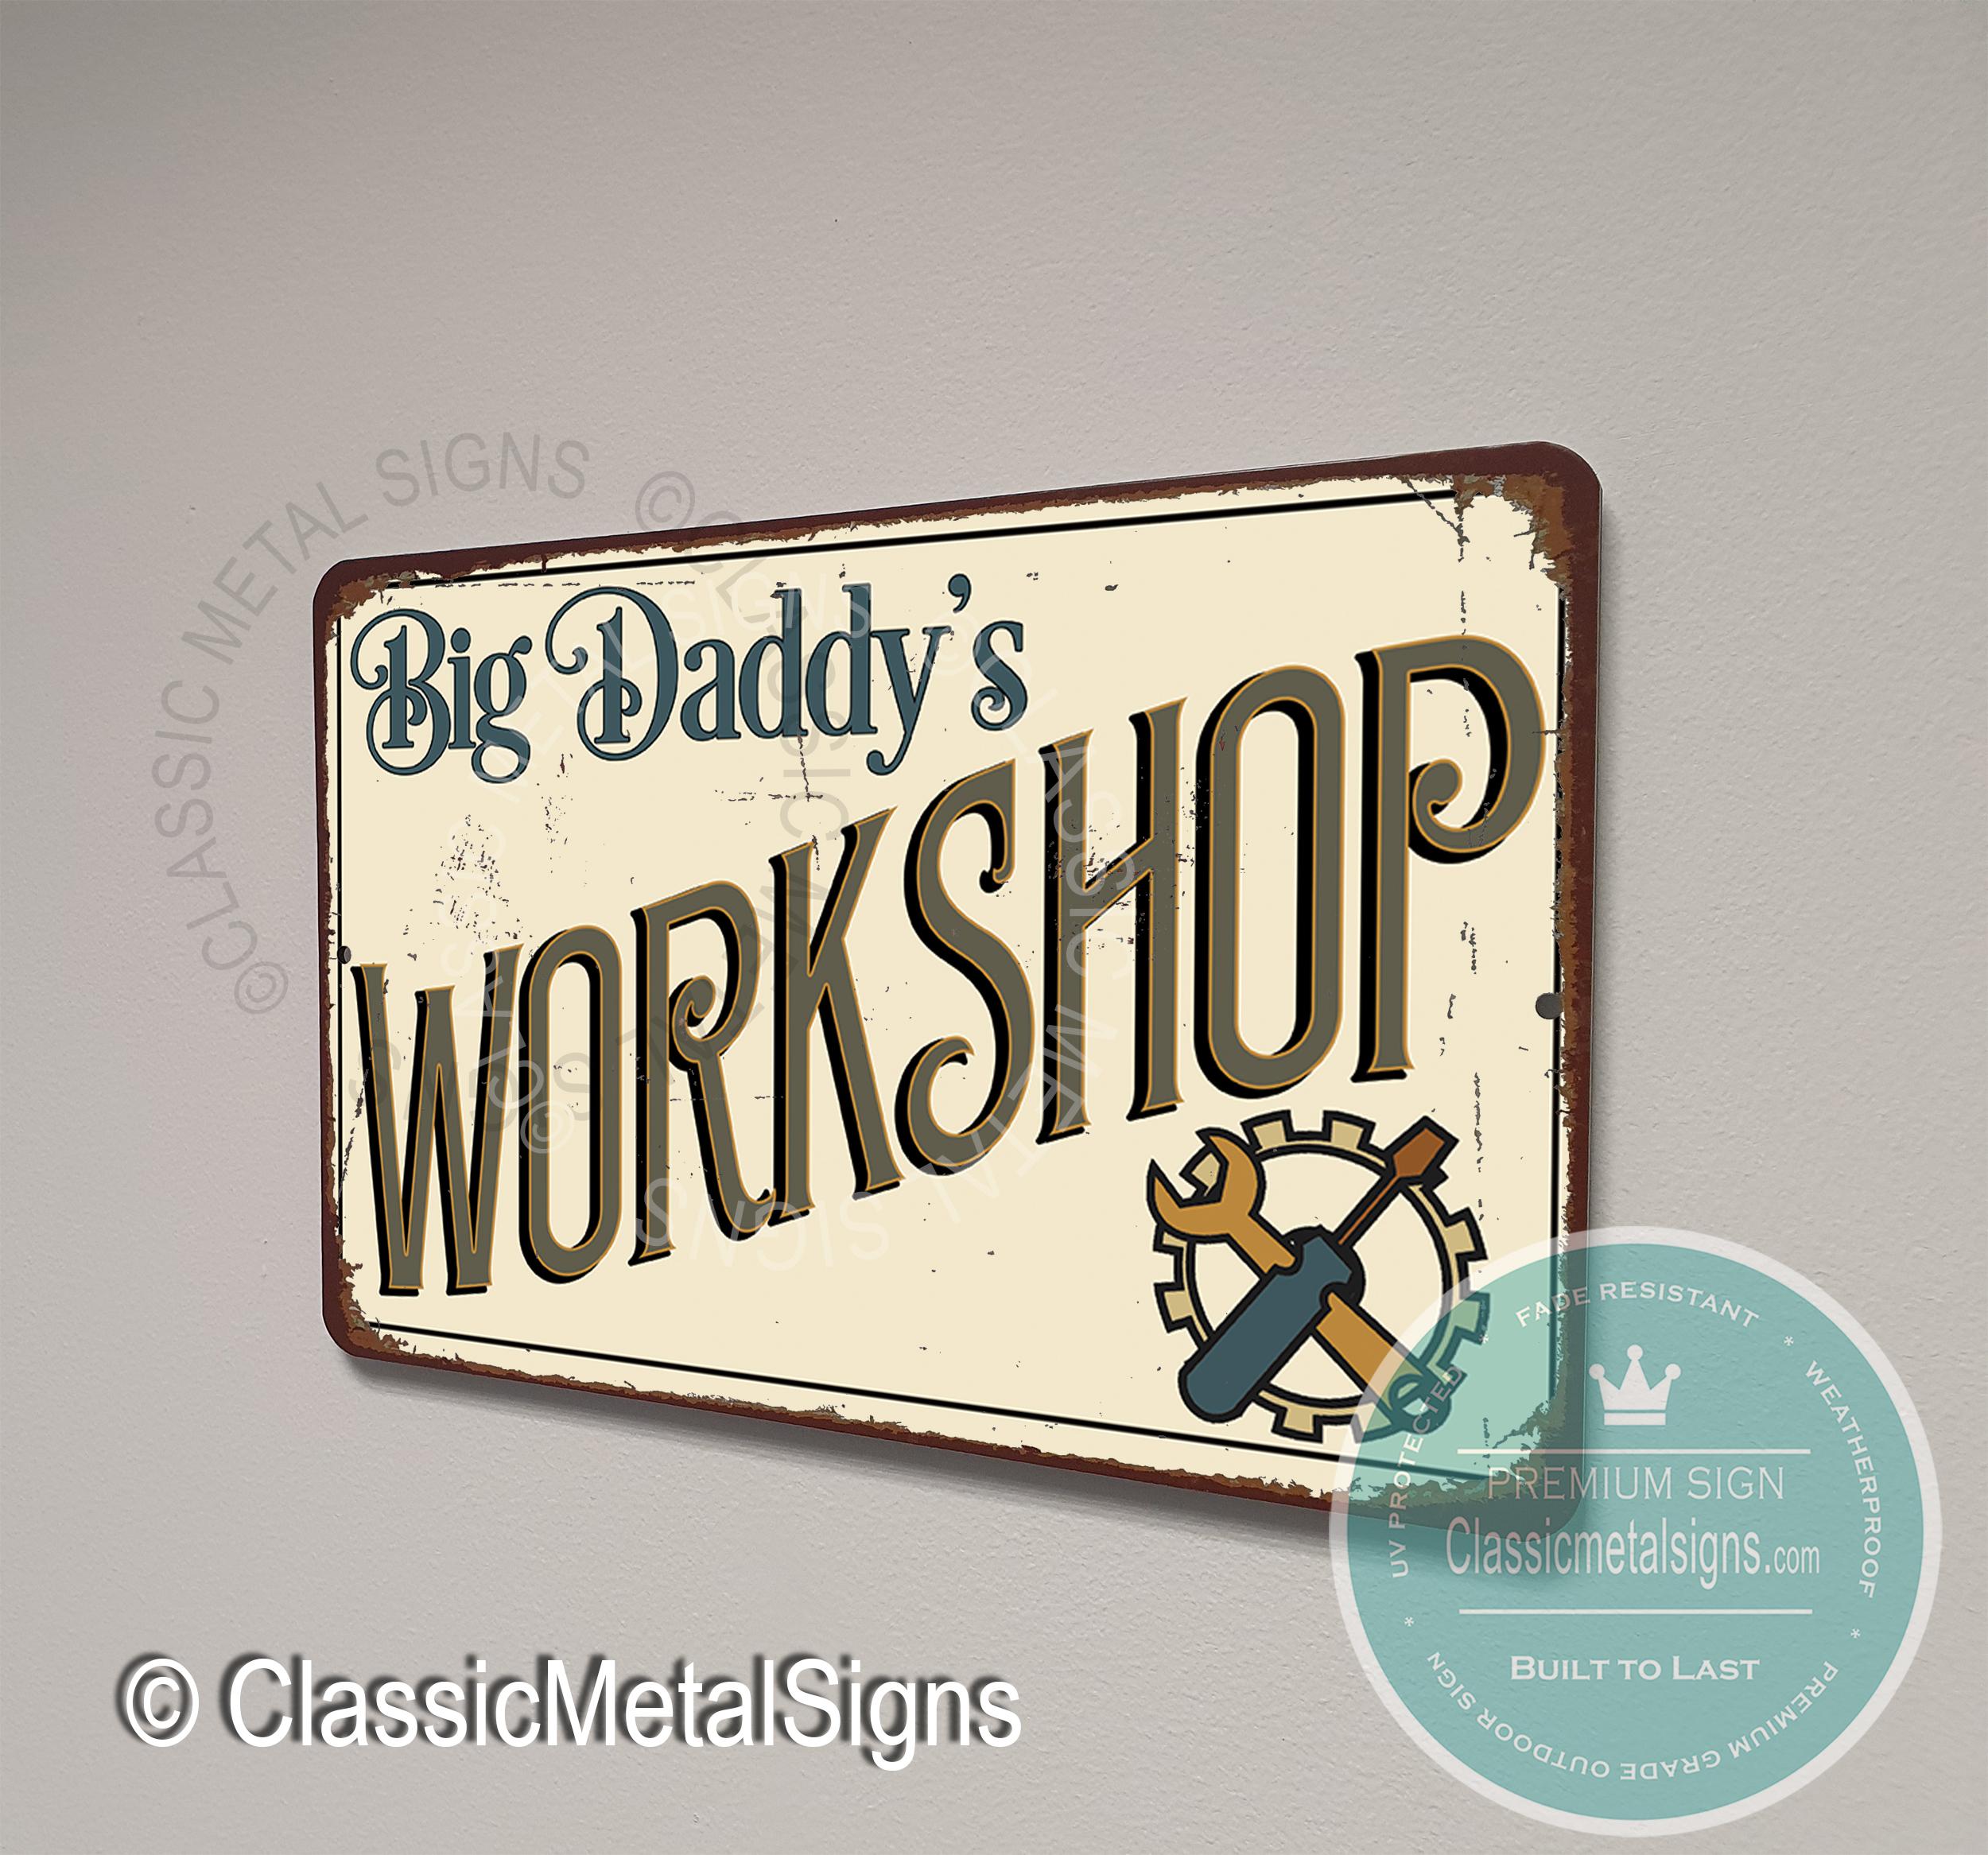 Big Daddy's Workshop Signs